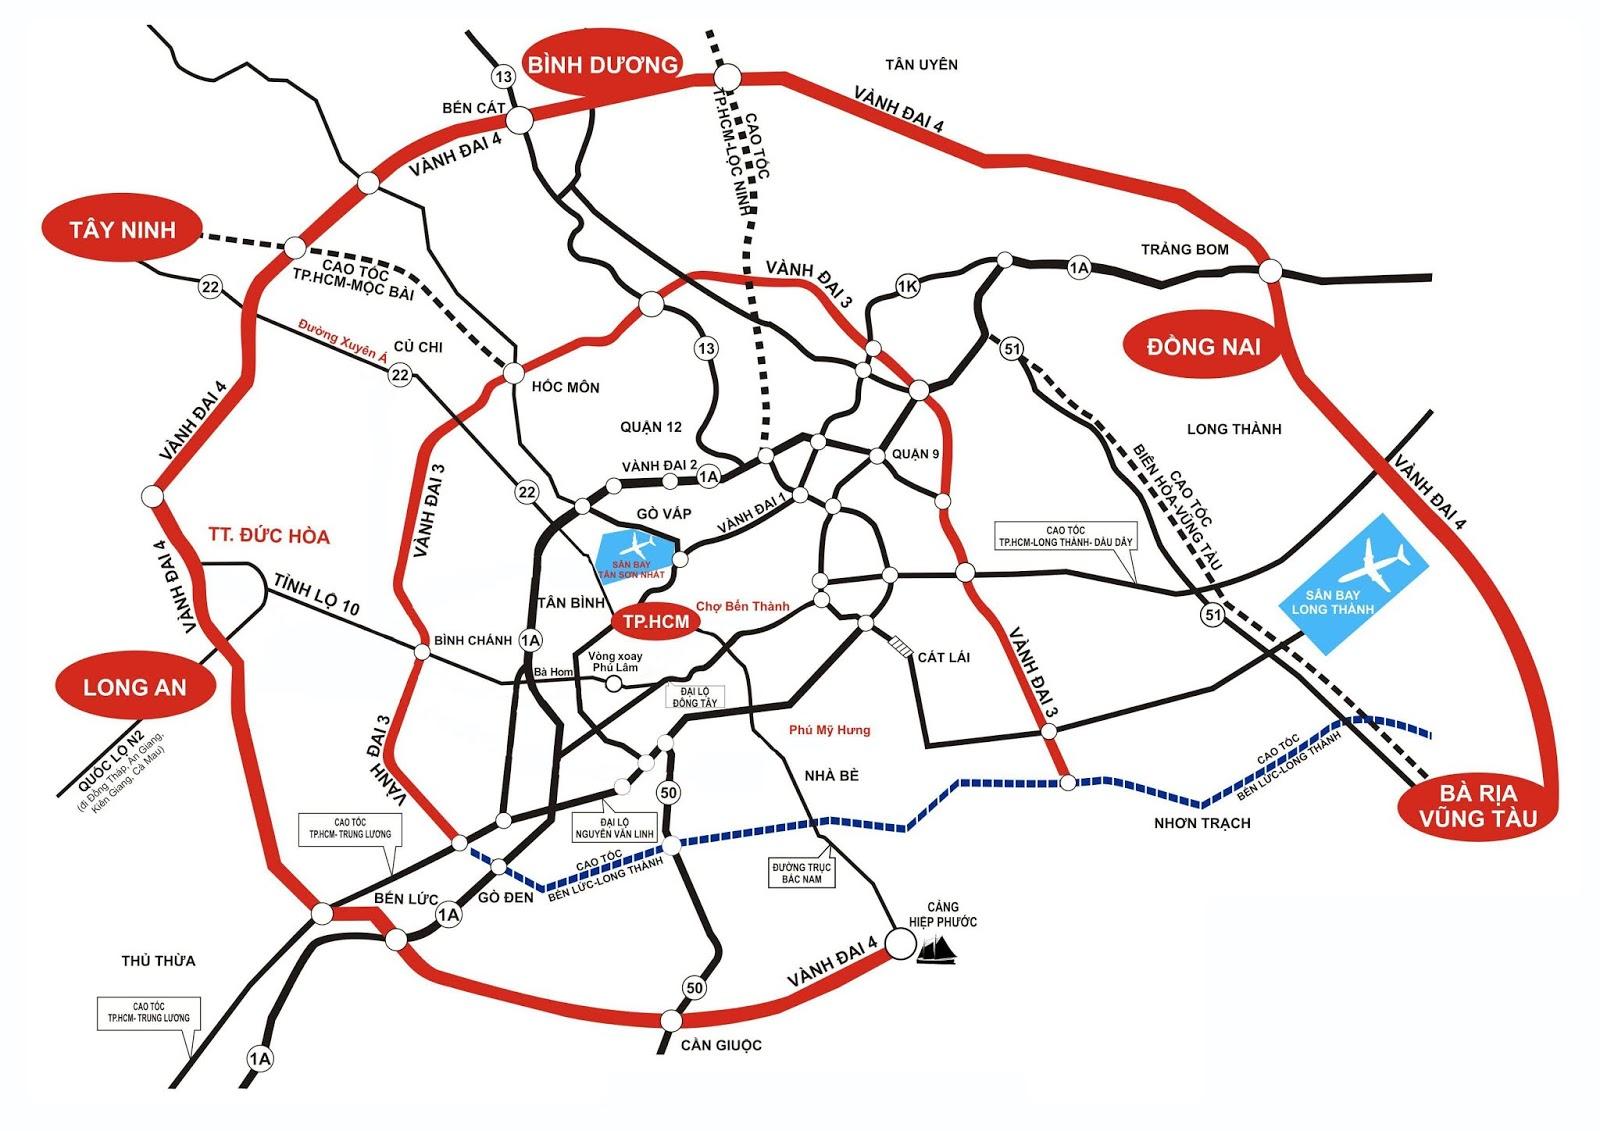 Các tuyến đường Vành đai giảm lưu lượng xe vào nội đô HCM